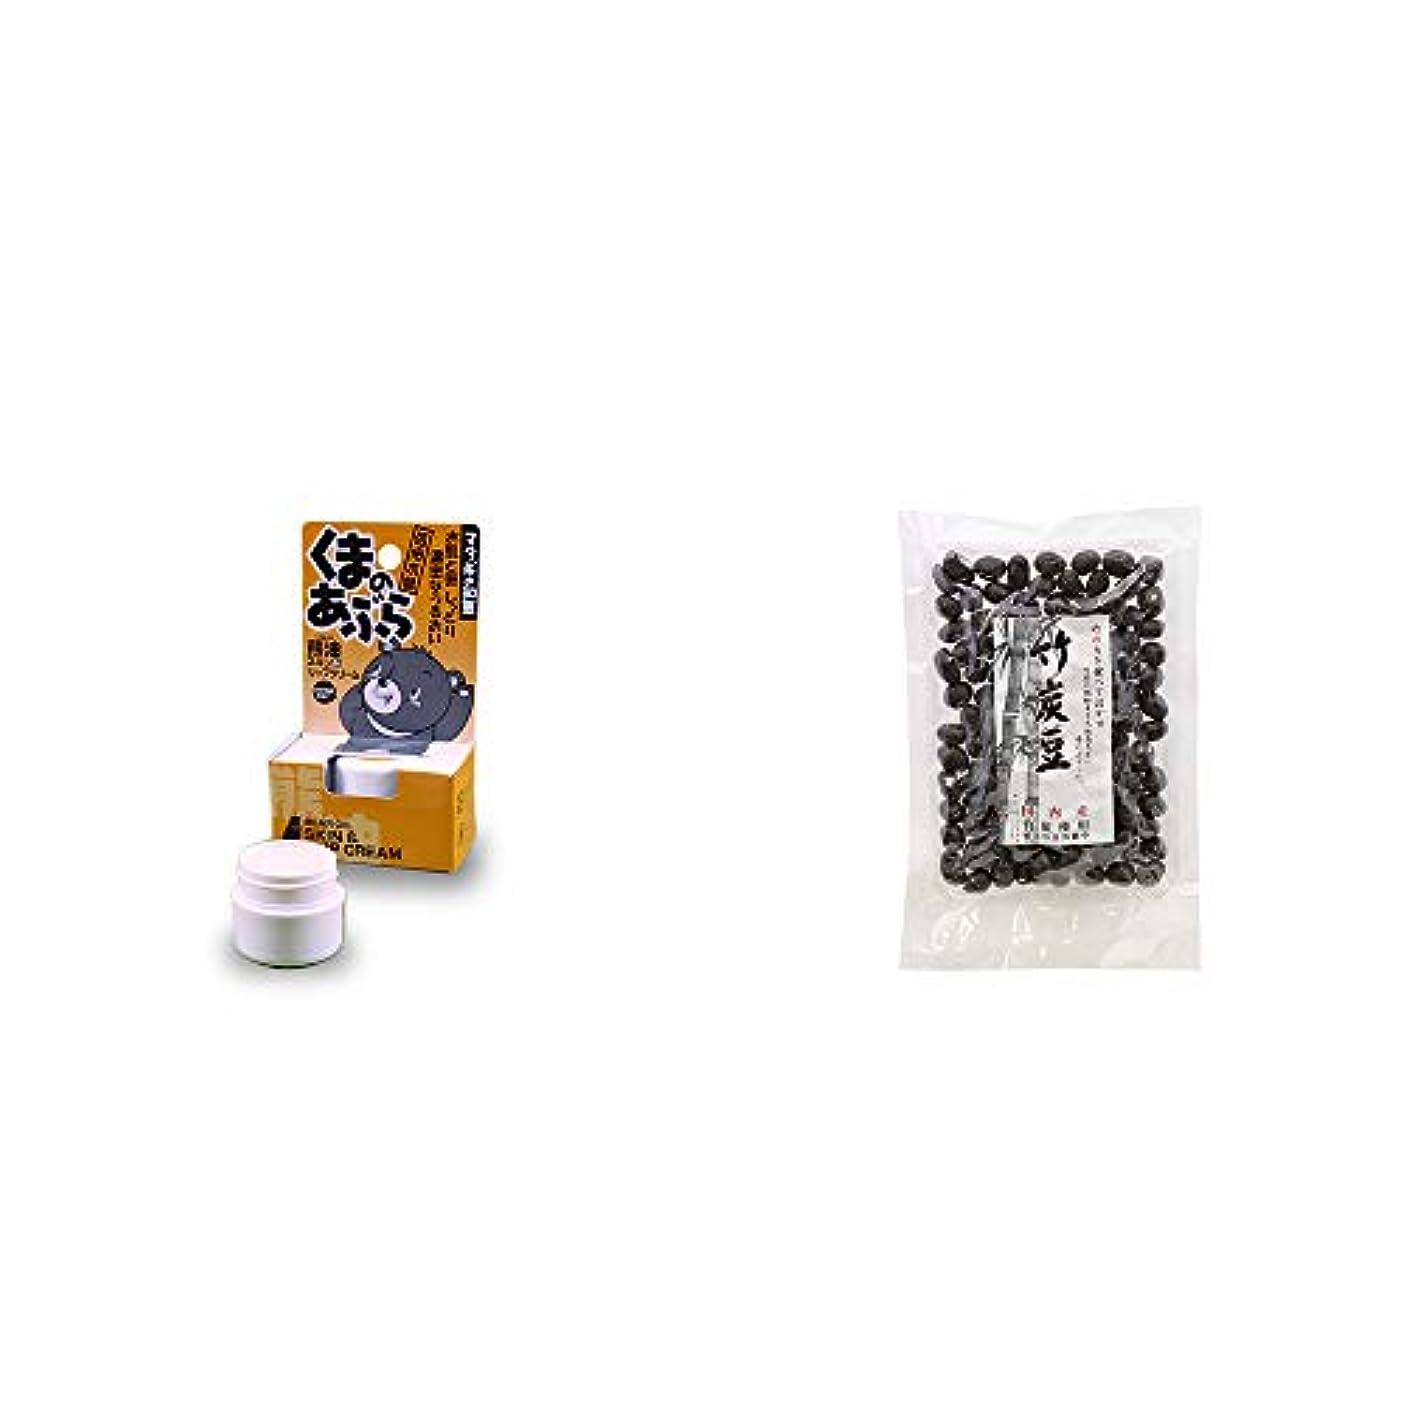 埋め込む曖昧な乱れ[2点セット] 信州木曽 くまのあぶら 熊油スキン&リップクリーム(9g)?国内産 竹炭使用 竹炭豆(160g)